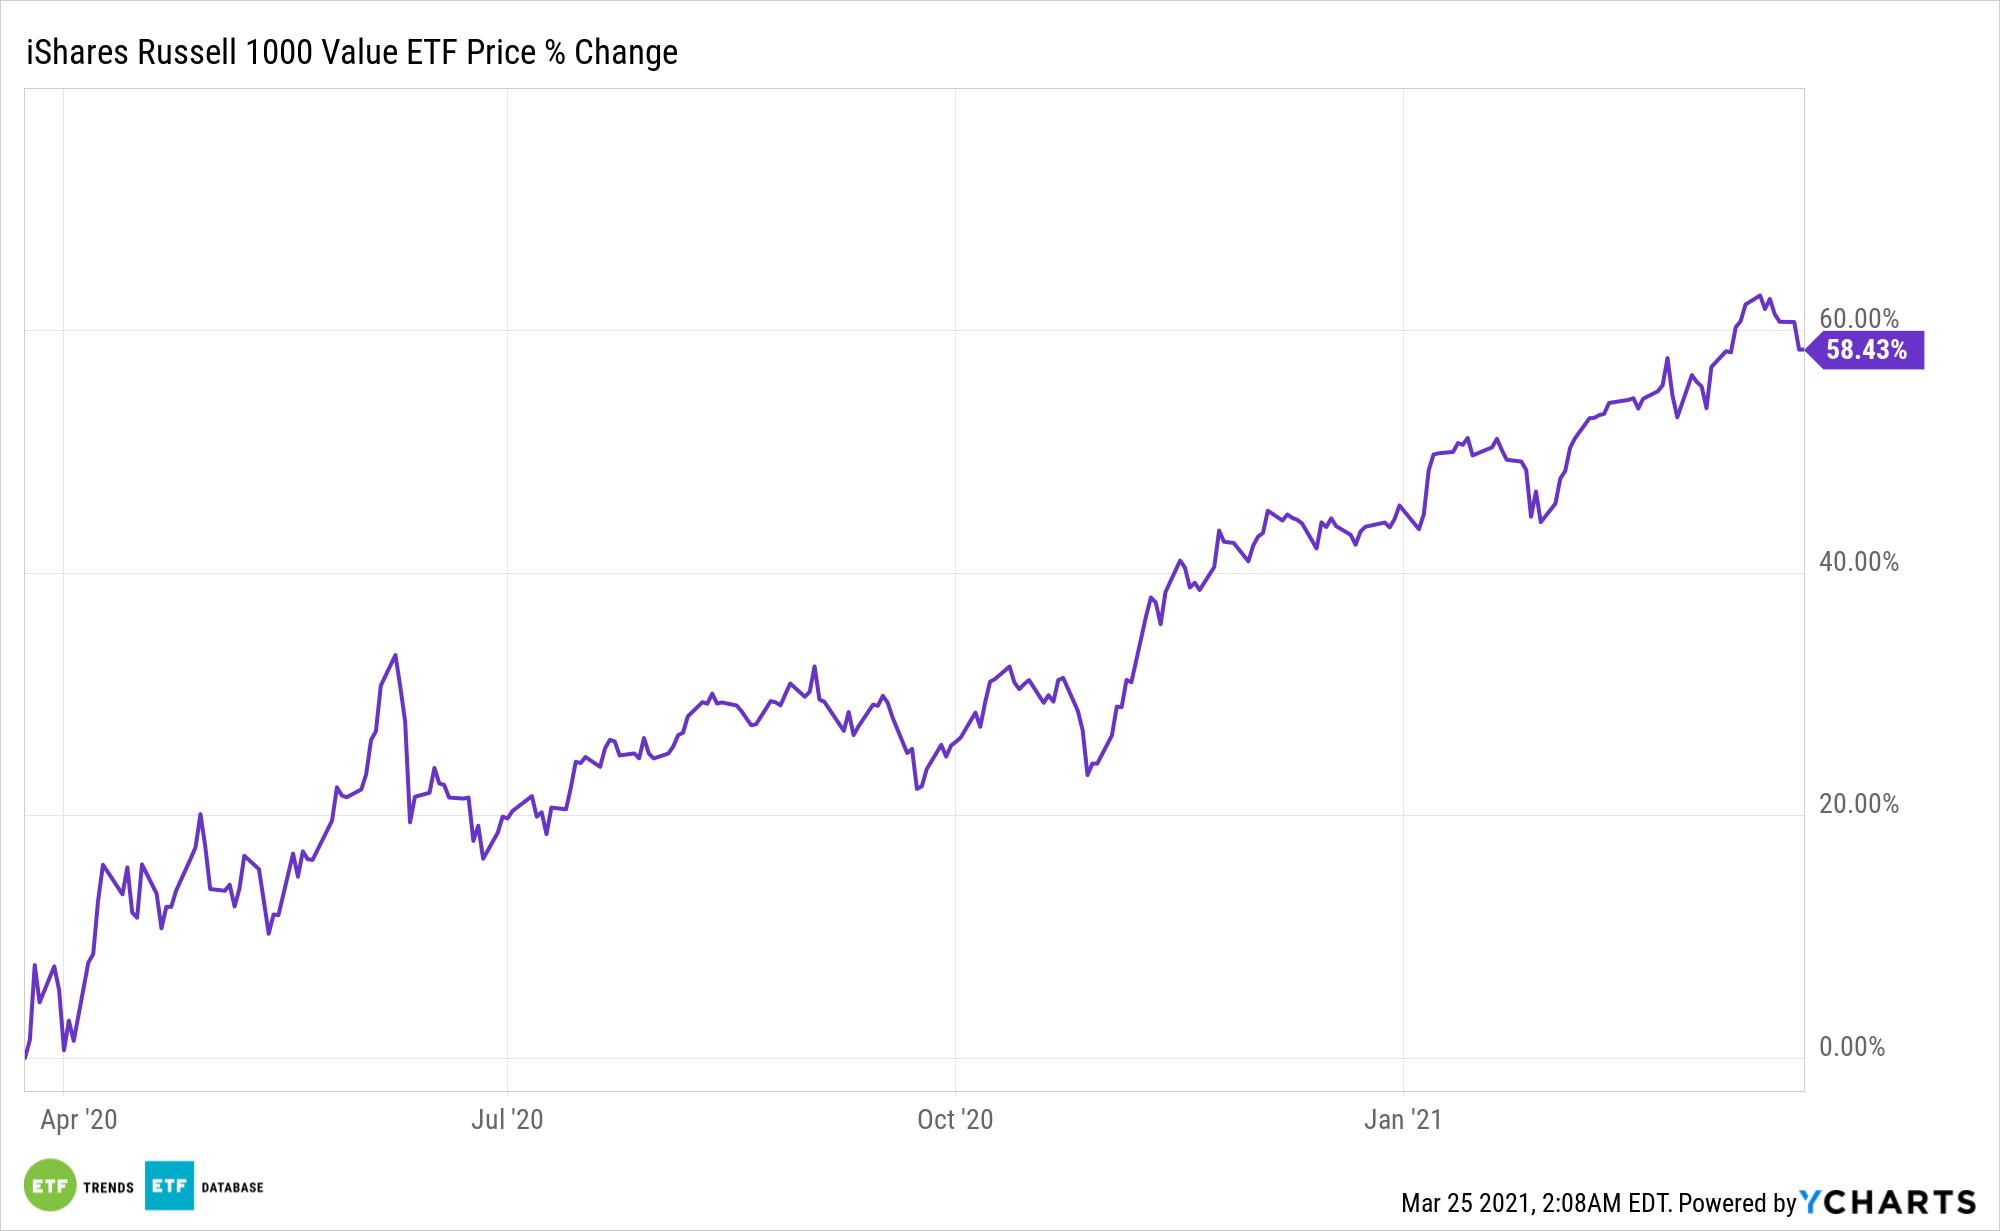 IWD Chart